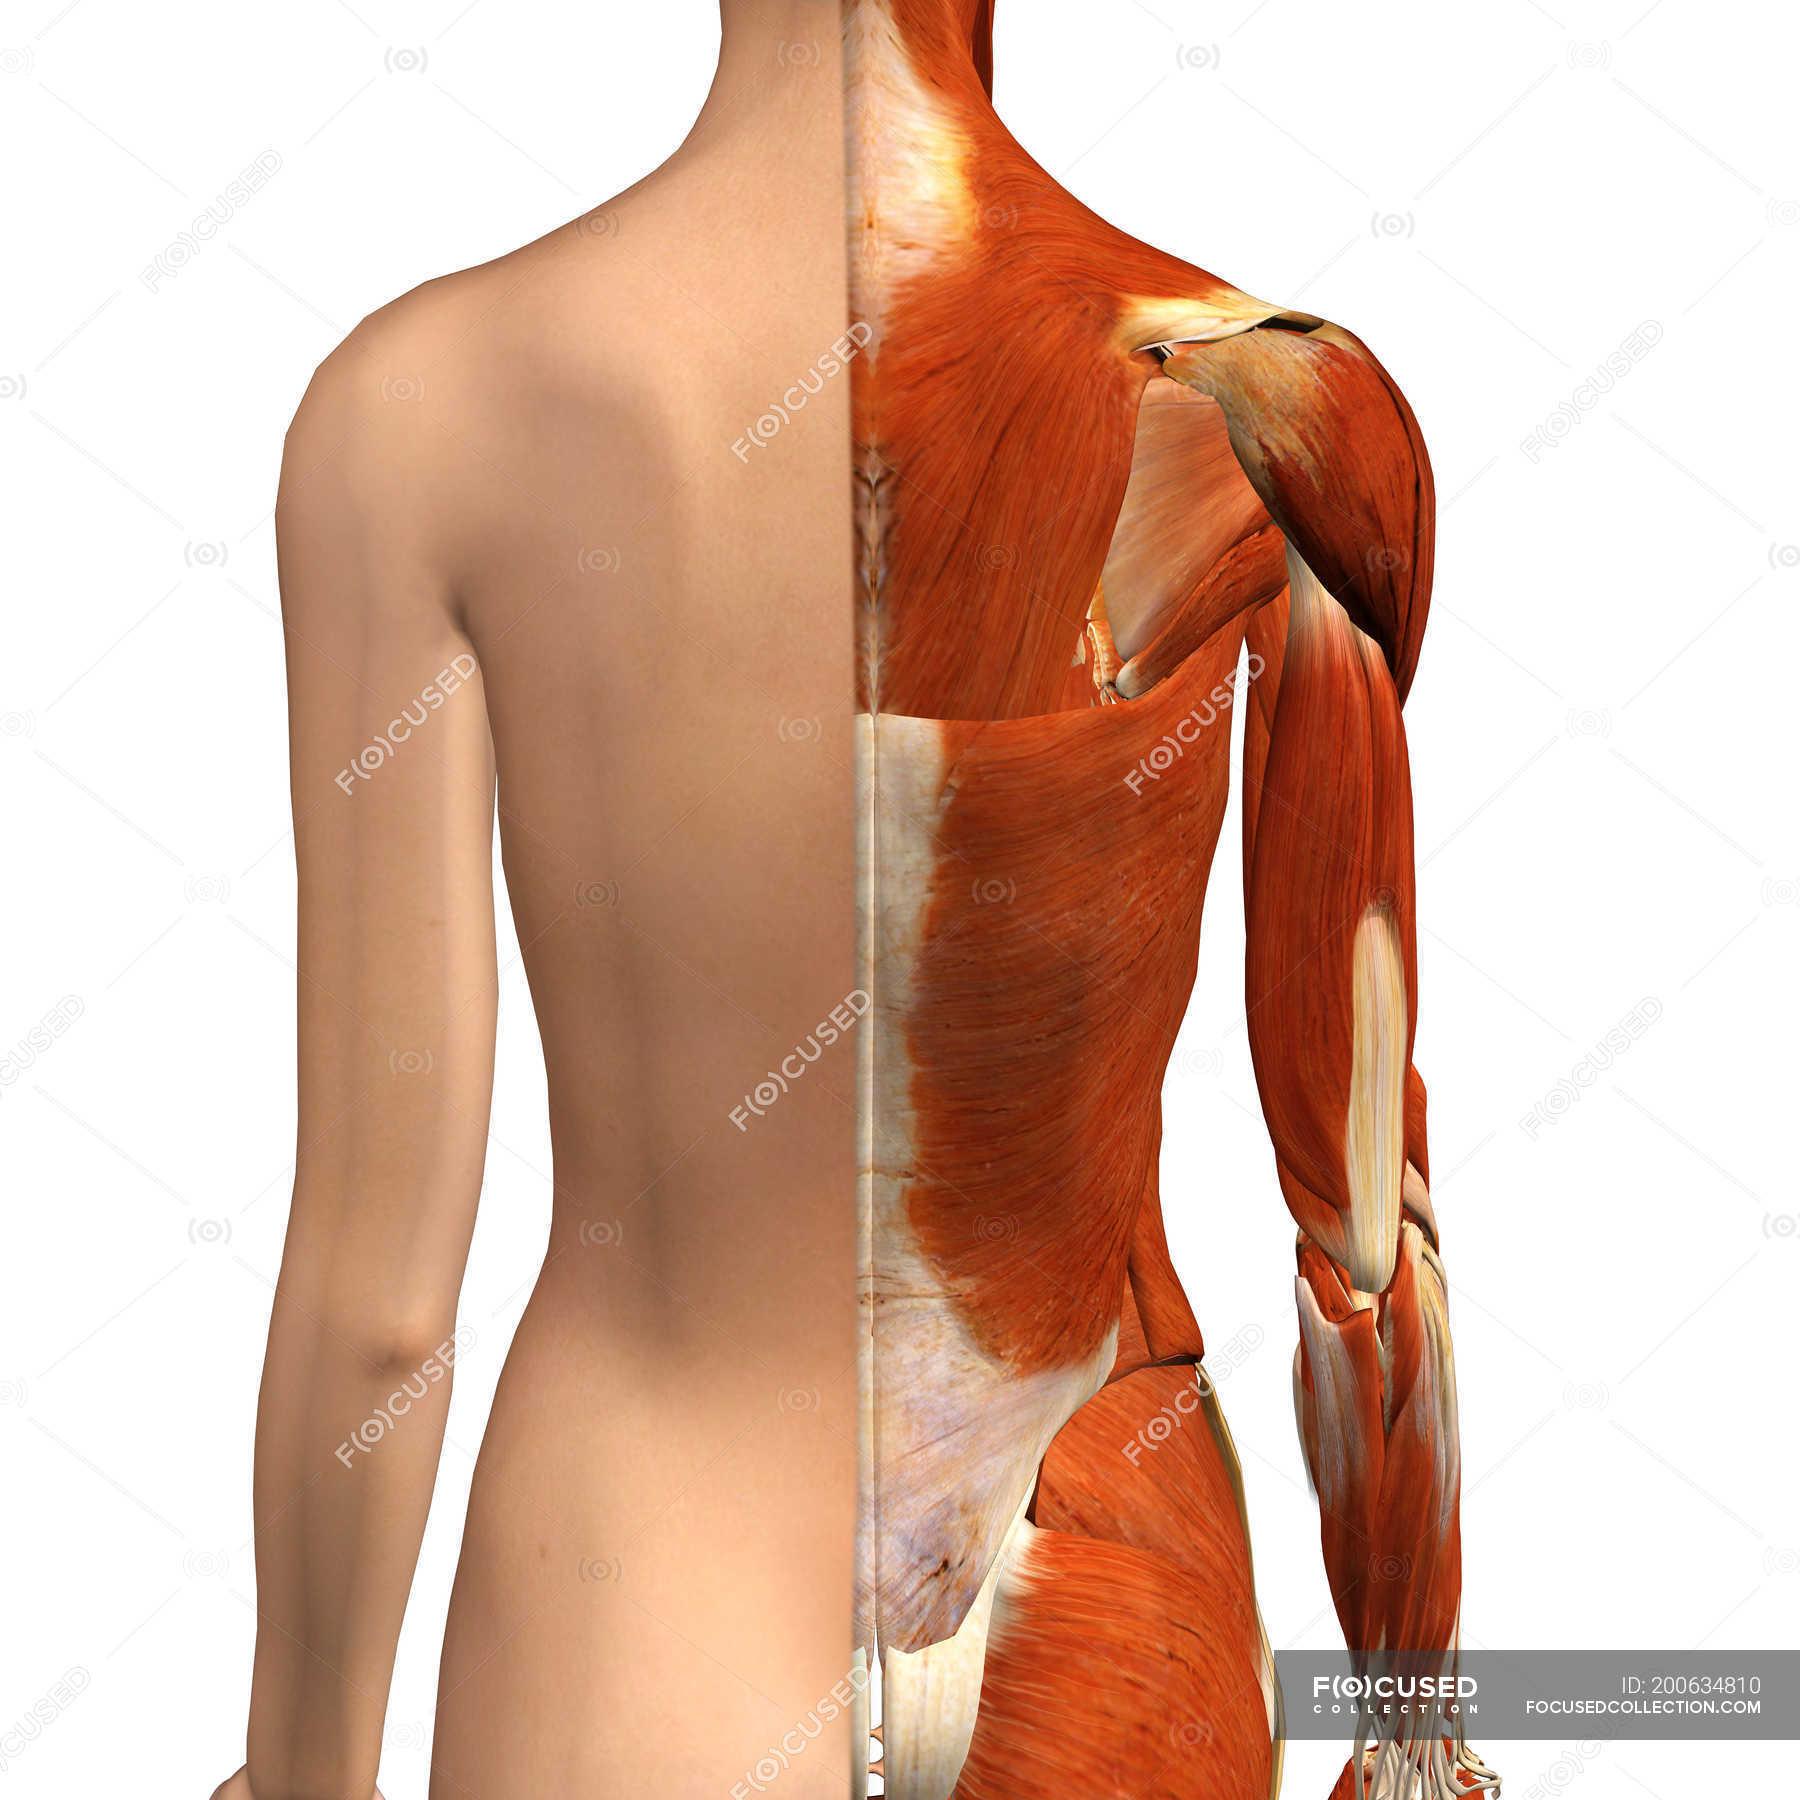 Vista posterior de músculos femeninos con capa de la piel dividida ...